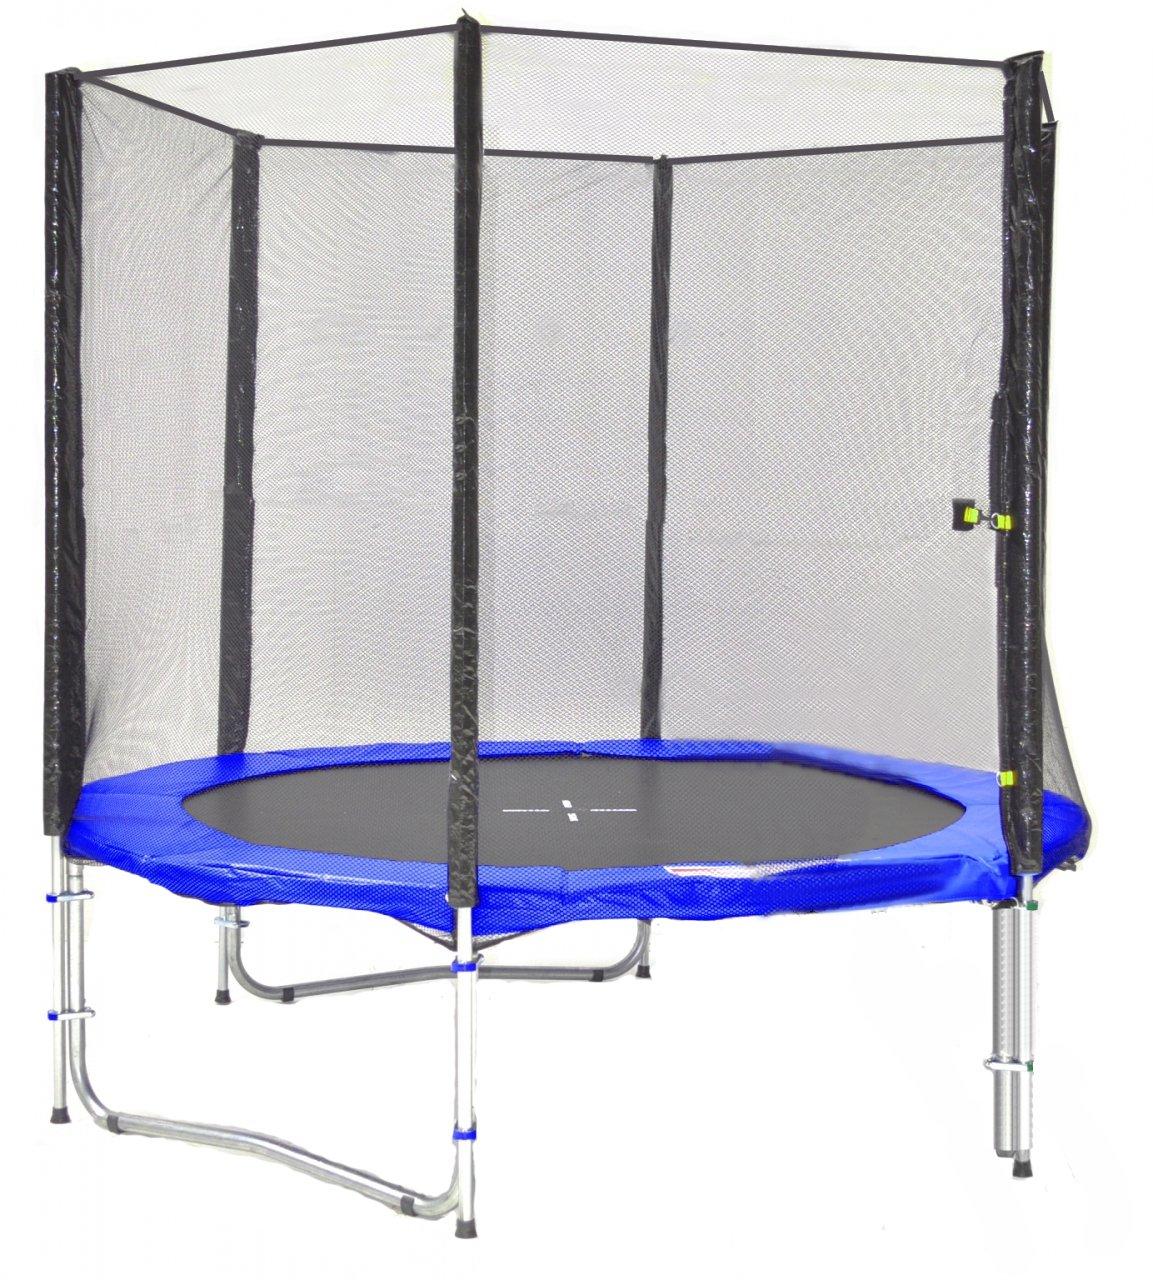 SB-185-B Gartentrampolin 185cm incl. Netz, 90kg Traglast jetzt kaufen